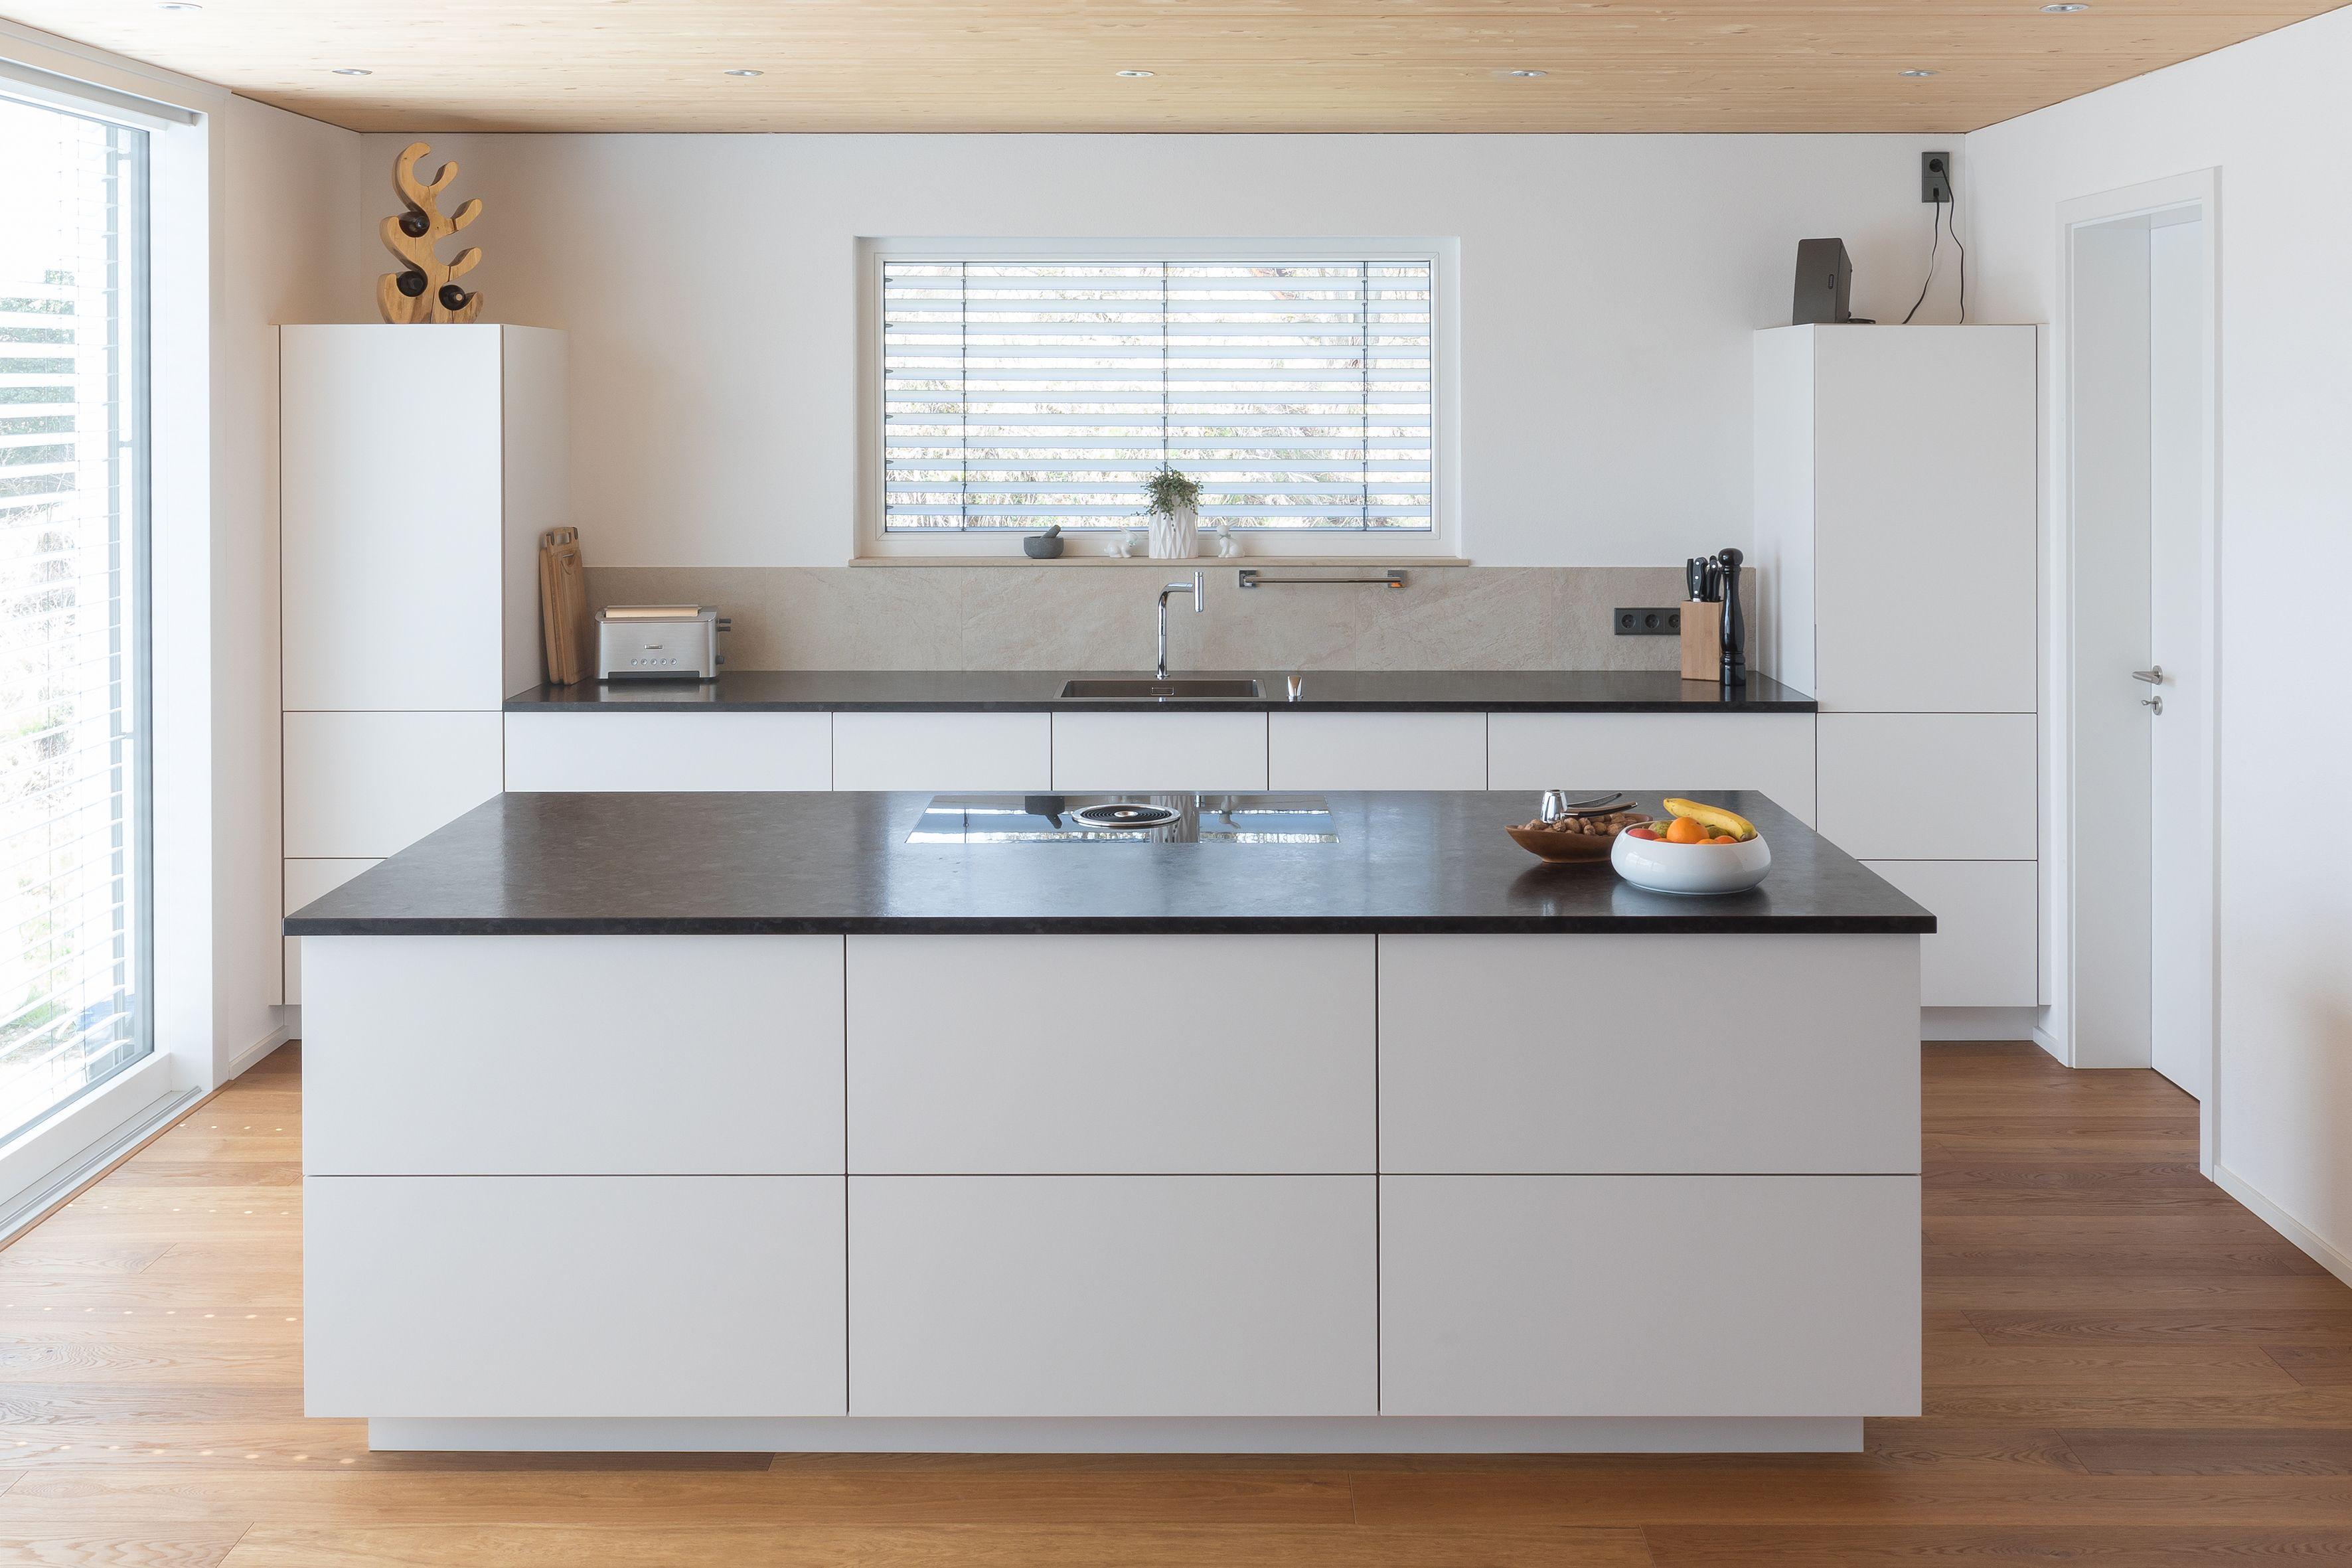 Pin von Alexandra Jaritz auf Haus in 19  Moderne küche, Küche